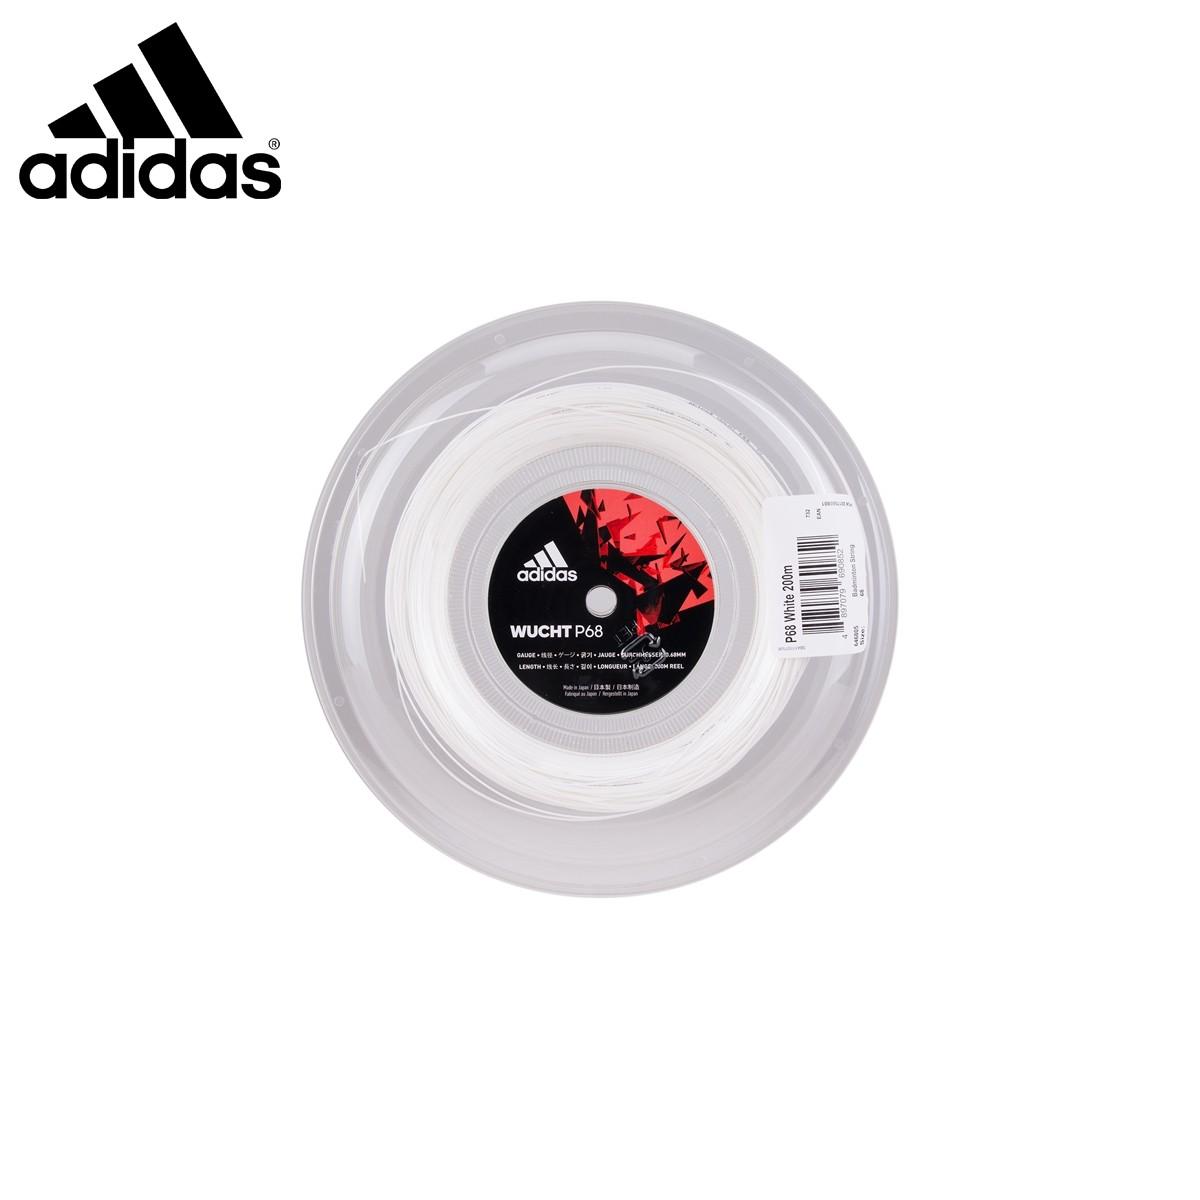 adidas ST646805 ヴフト P68 ホワイト ロール 200m バドミントンストリング(ガット) アディダス 2018FW【取り寄せ】